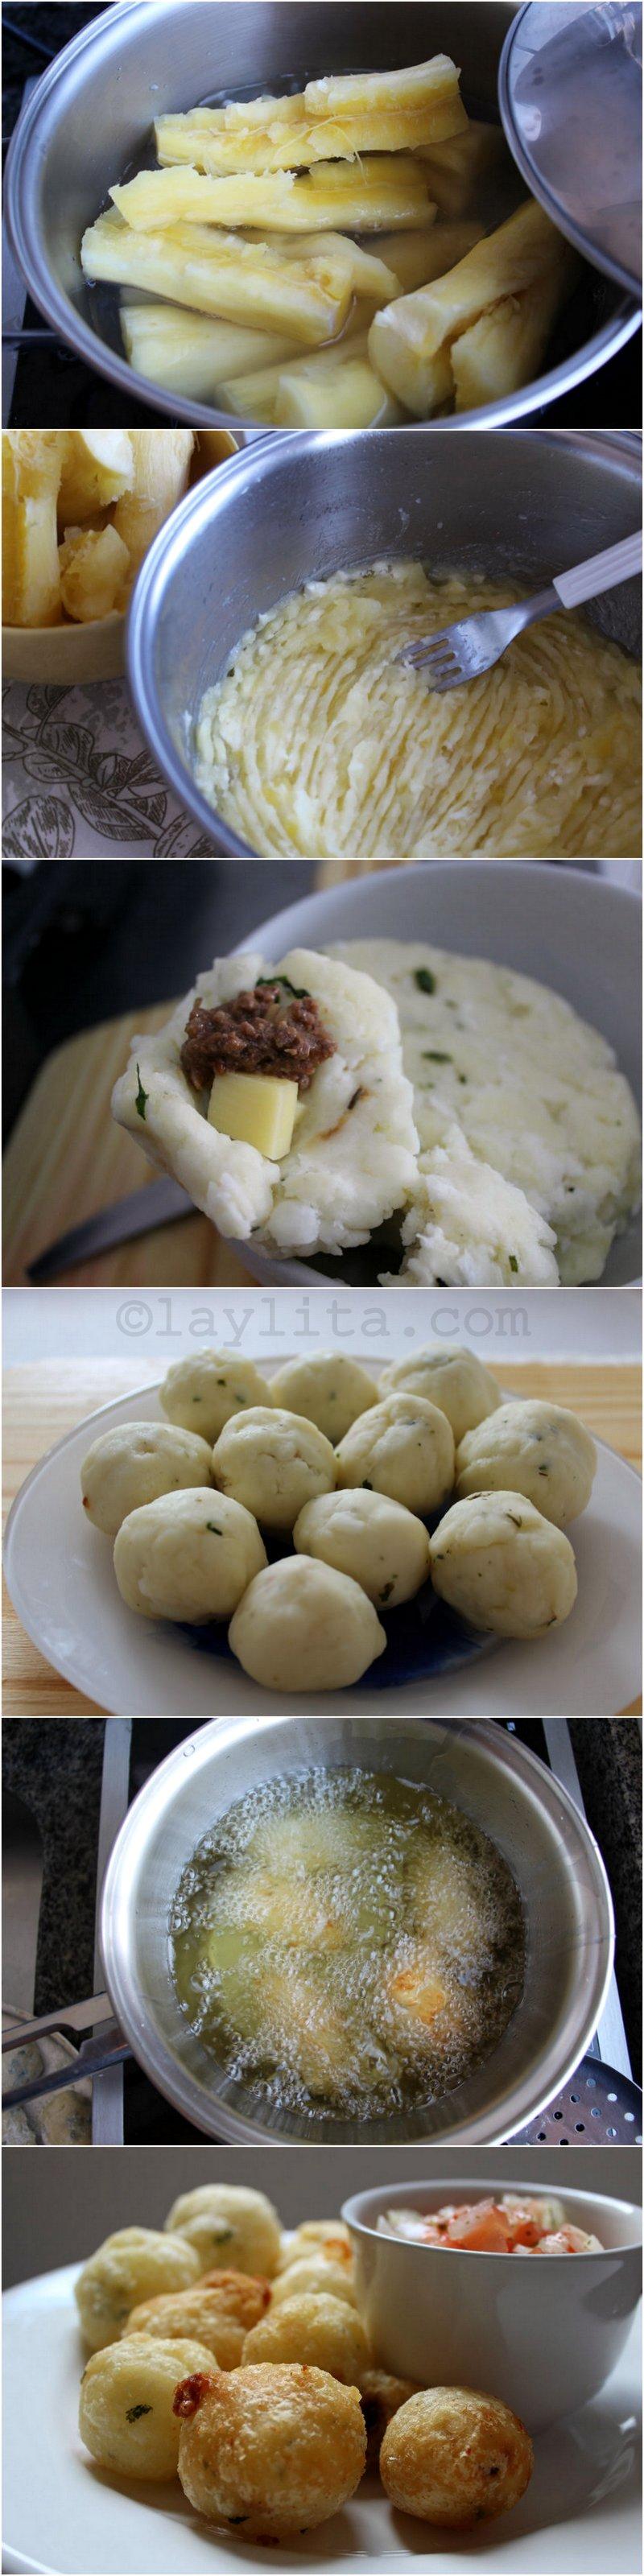 Modo de preparar bolinho de macaxeira recheado com queijo